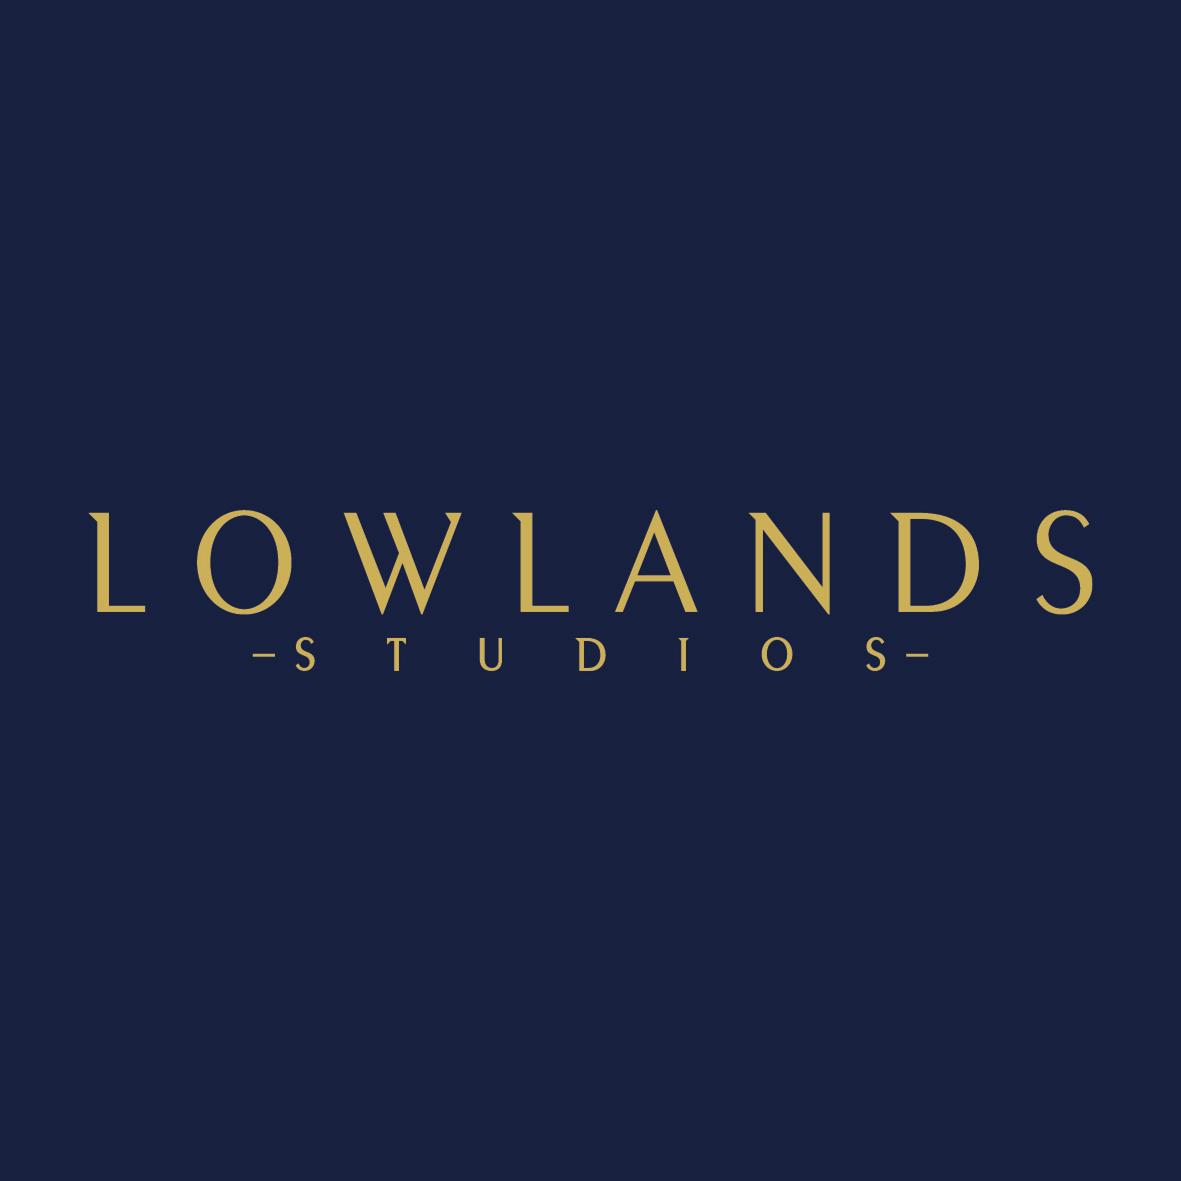 Lowlands Studios